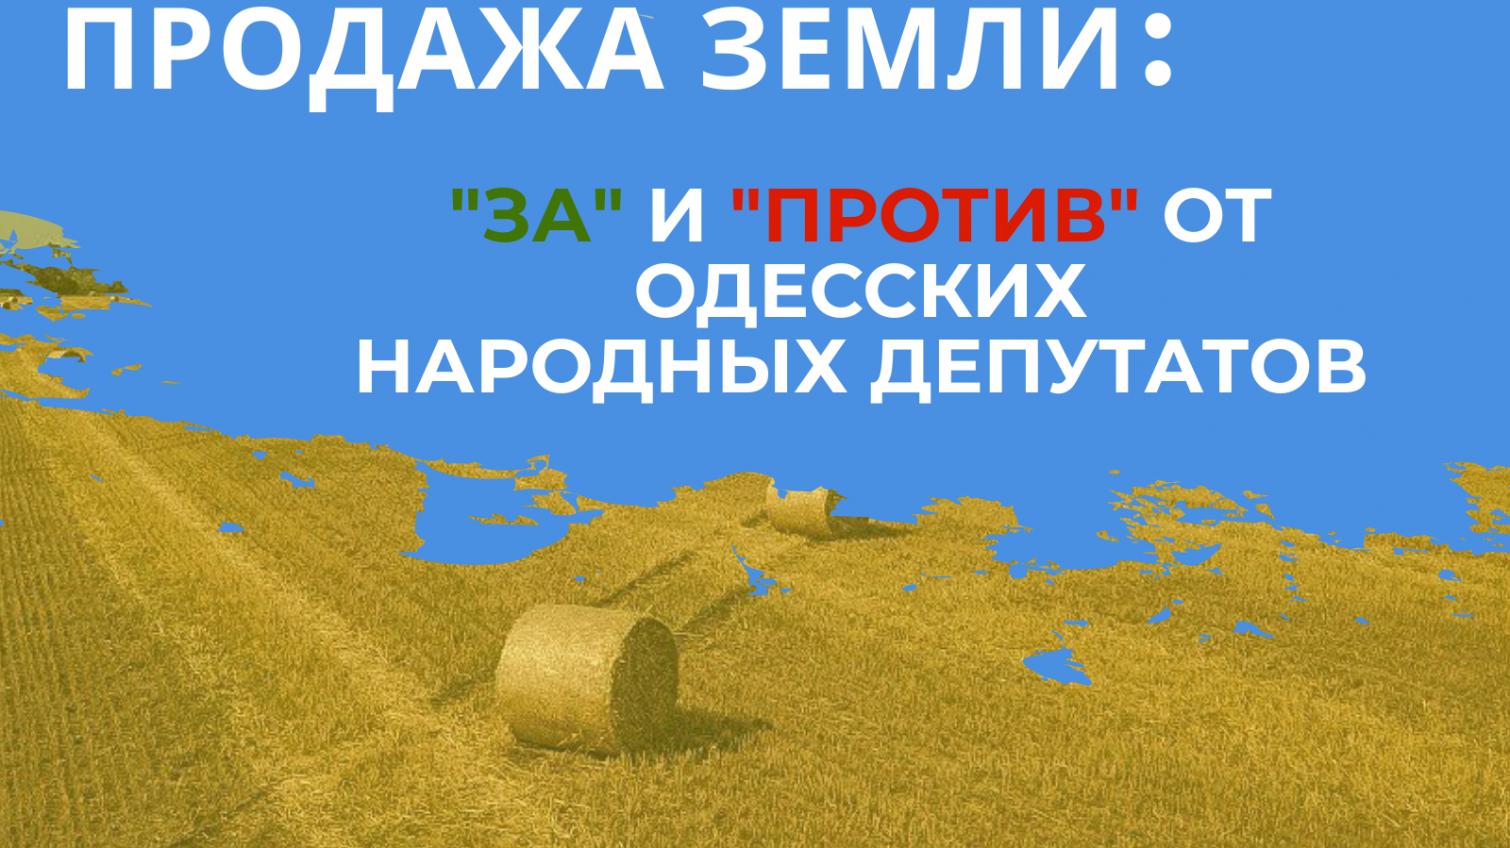 Продажа земли: «за» и «против» одесских народных депутатов (инфографика) «фото»